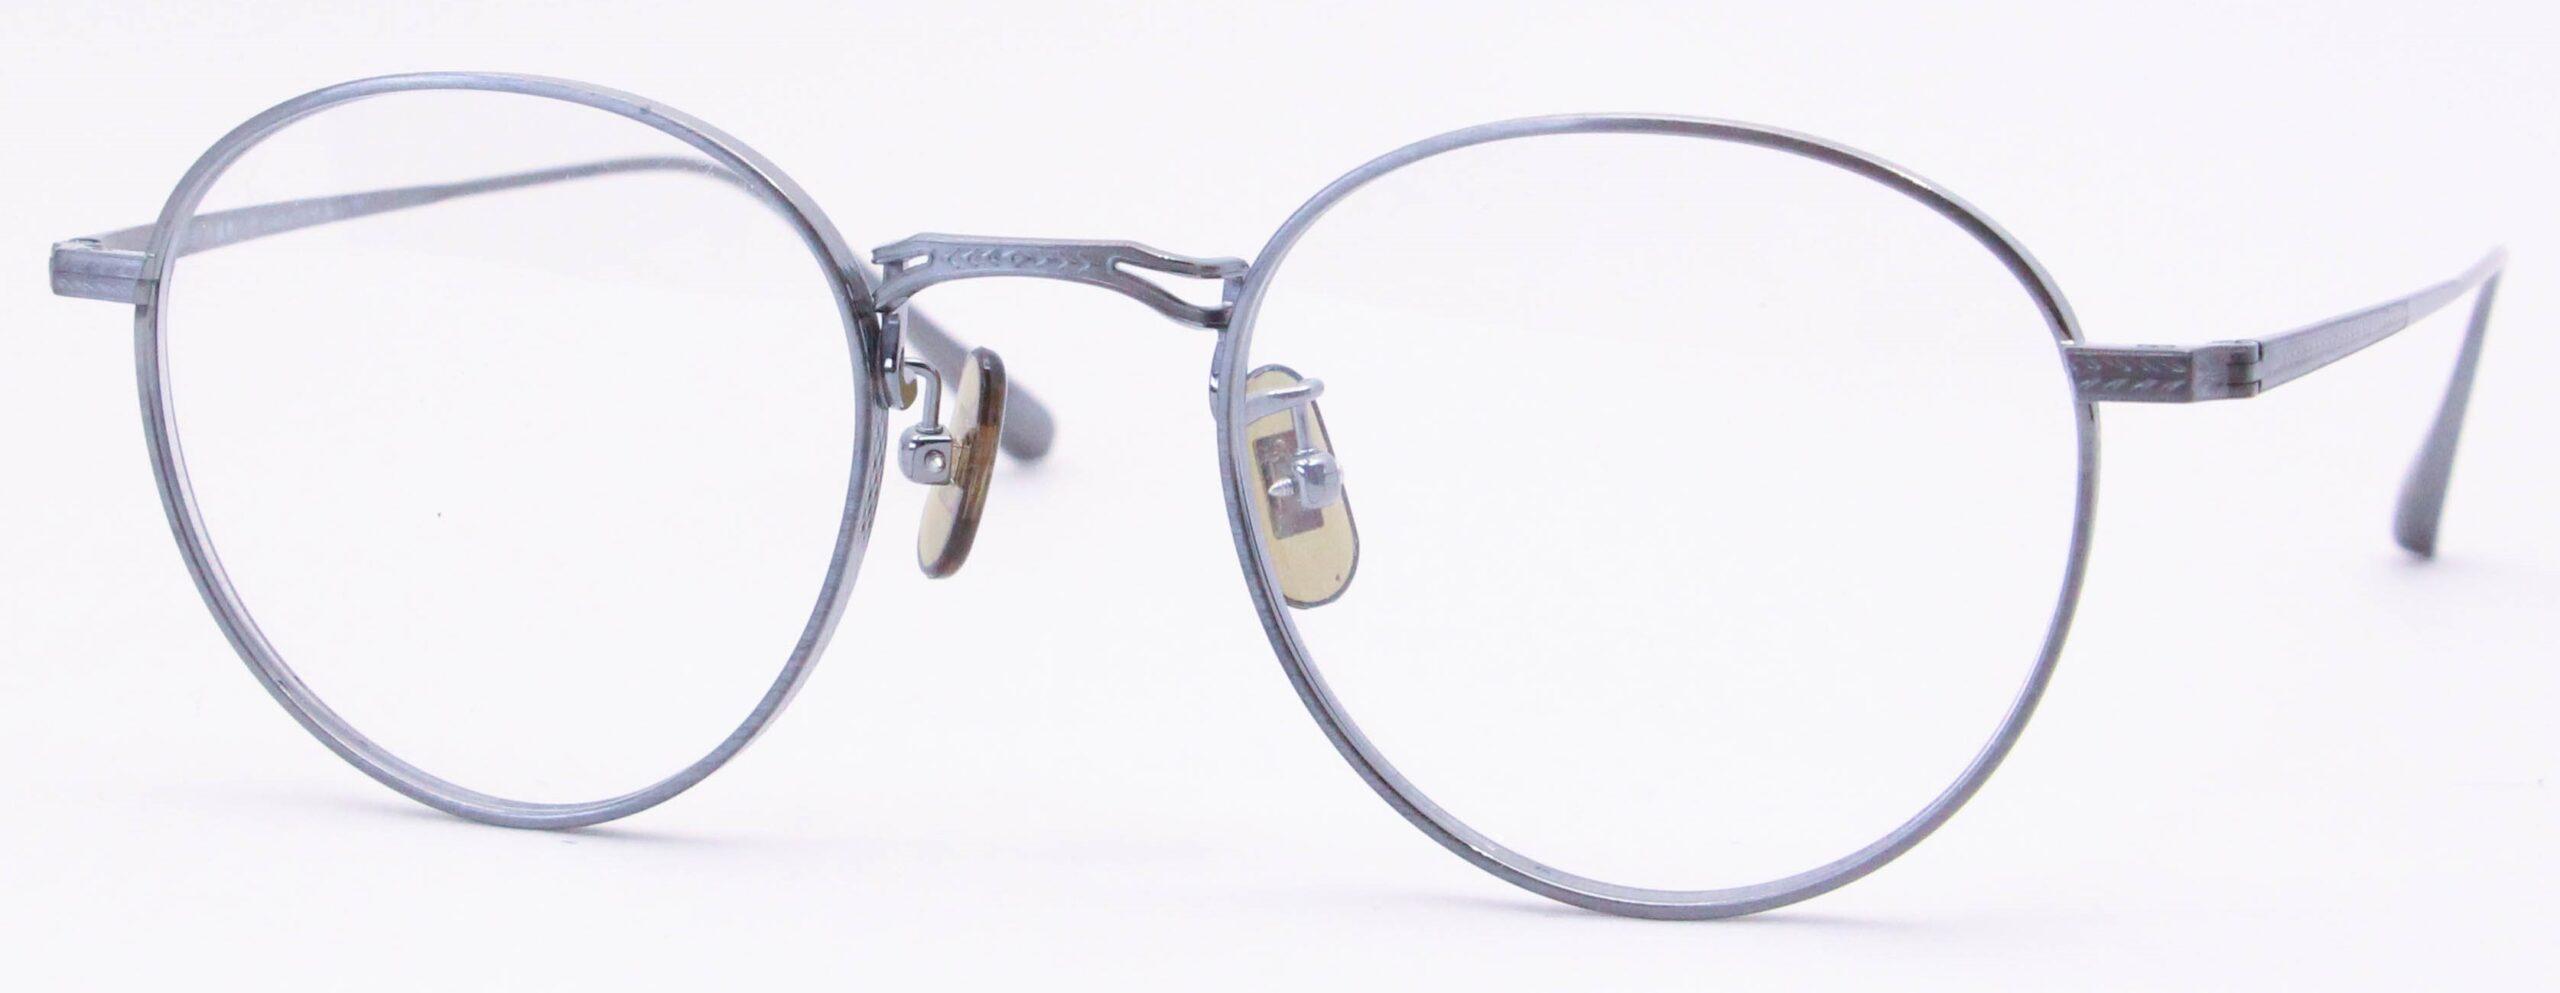 眼鏡のカラータイプC-7 Gray